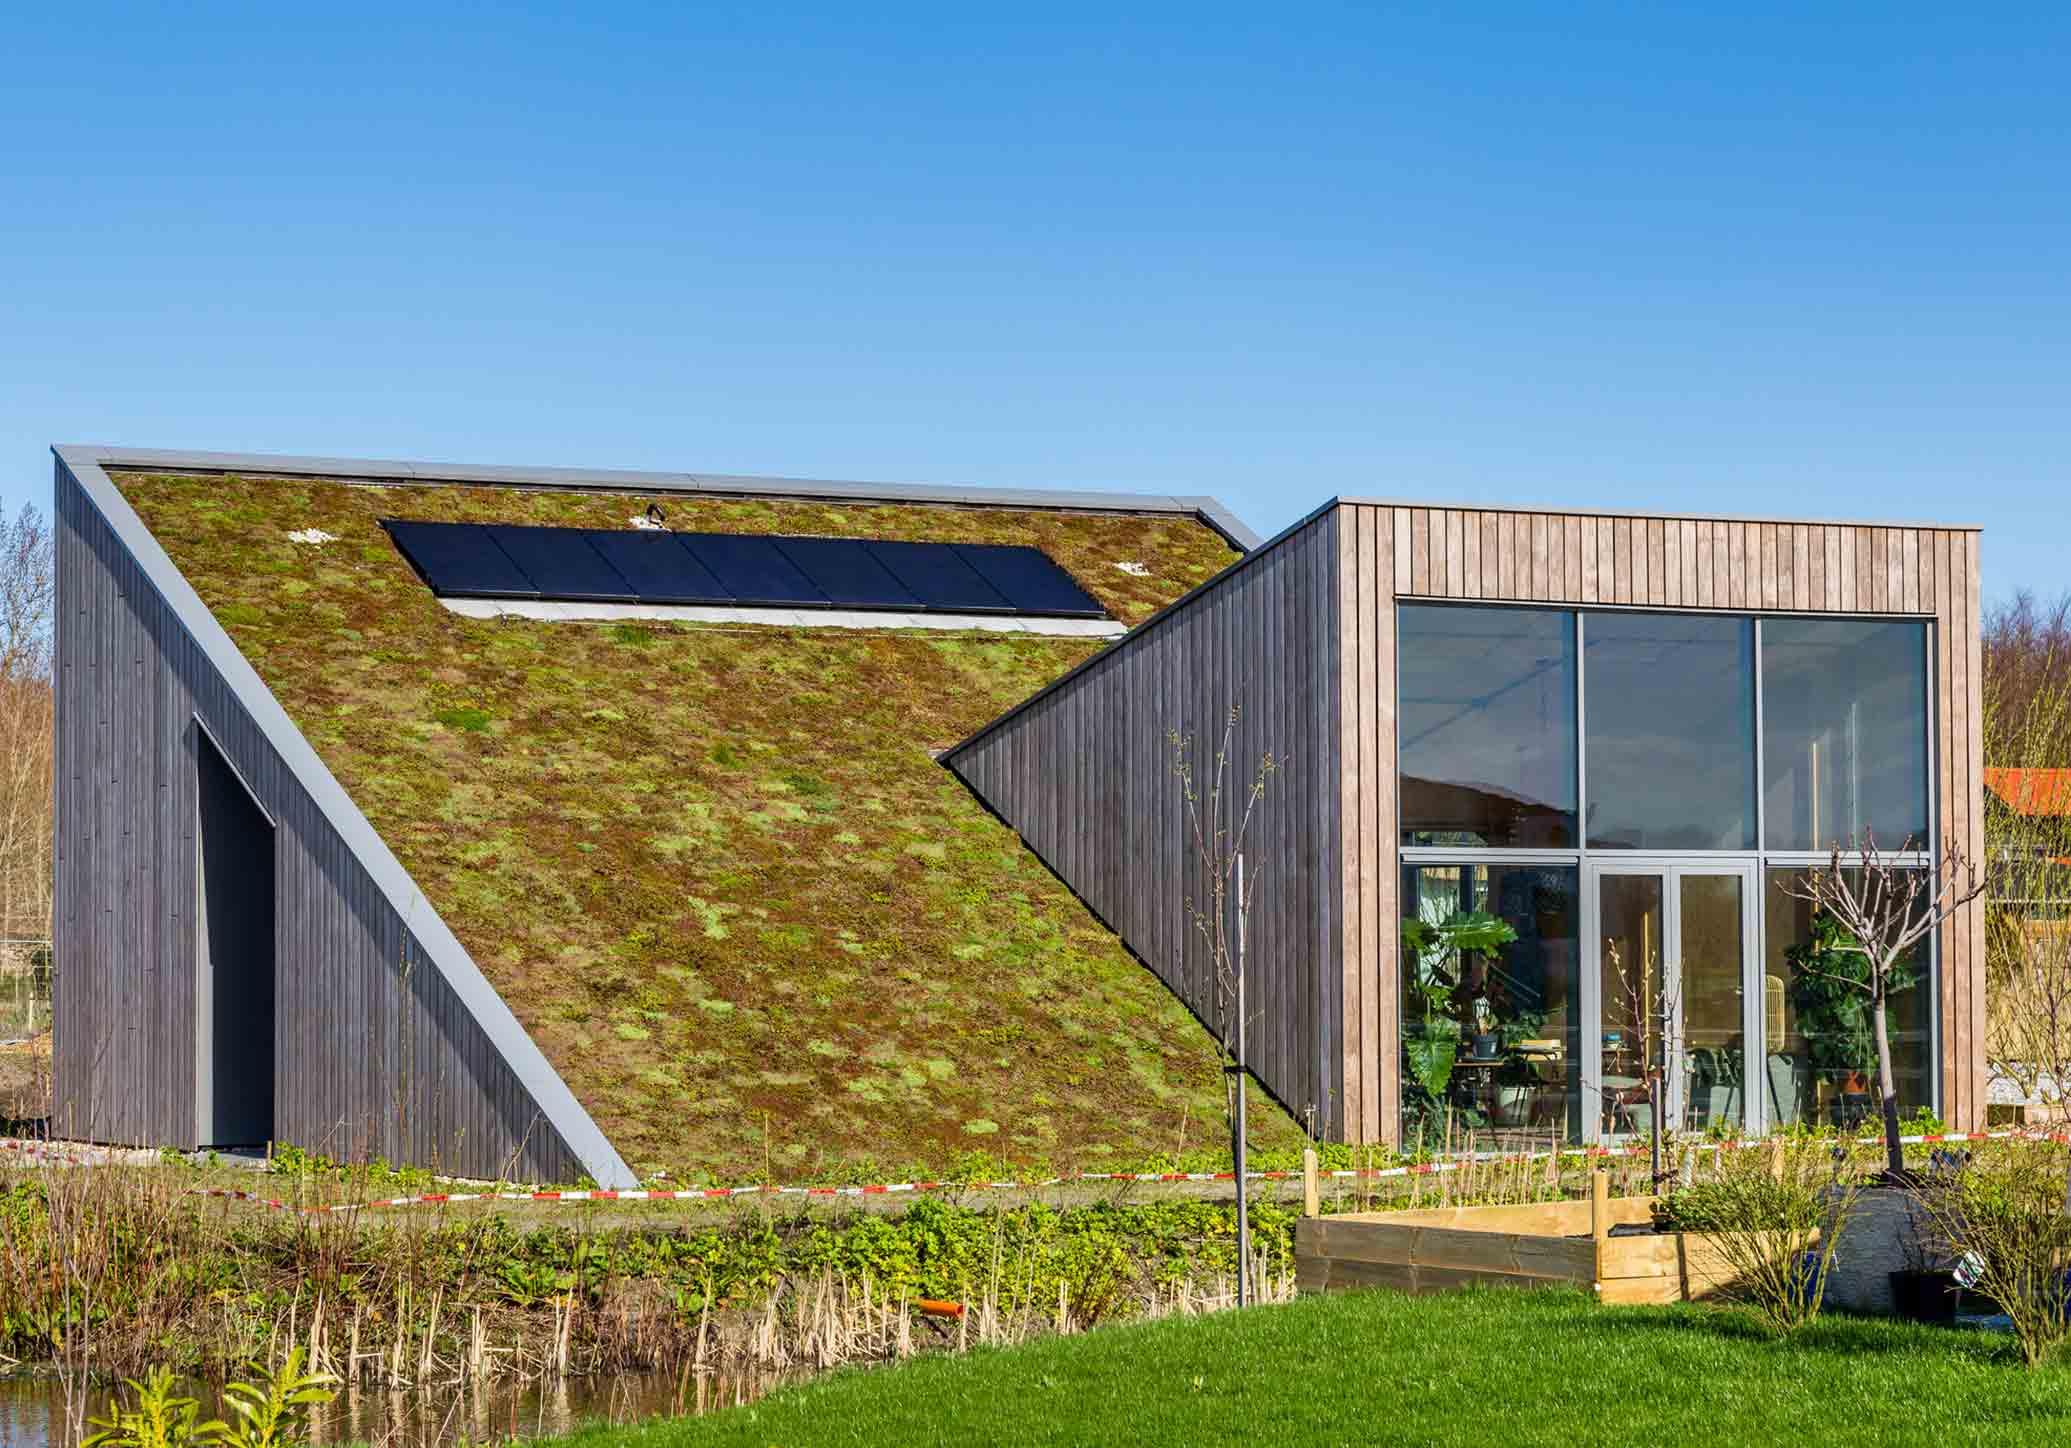 Casas auto sustentáveis: o que são e como funcionam?